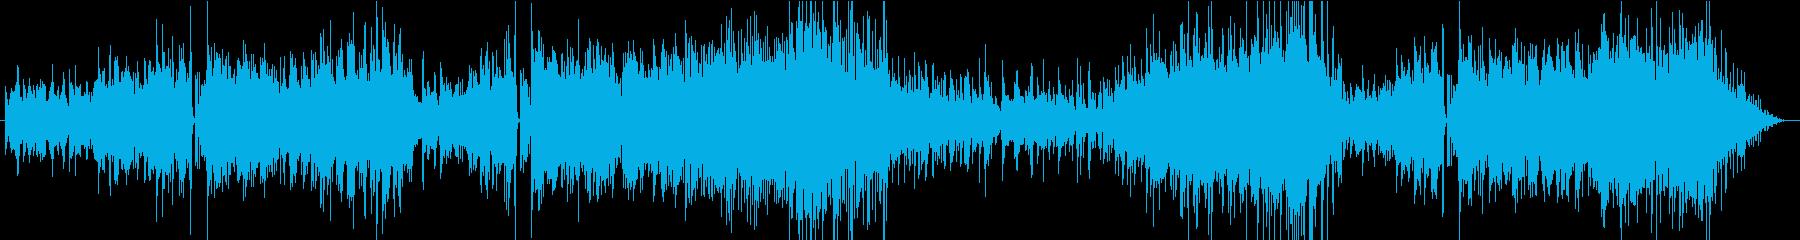 青い海が見えてくる爽やかなピアノインストの再生済みの波形